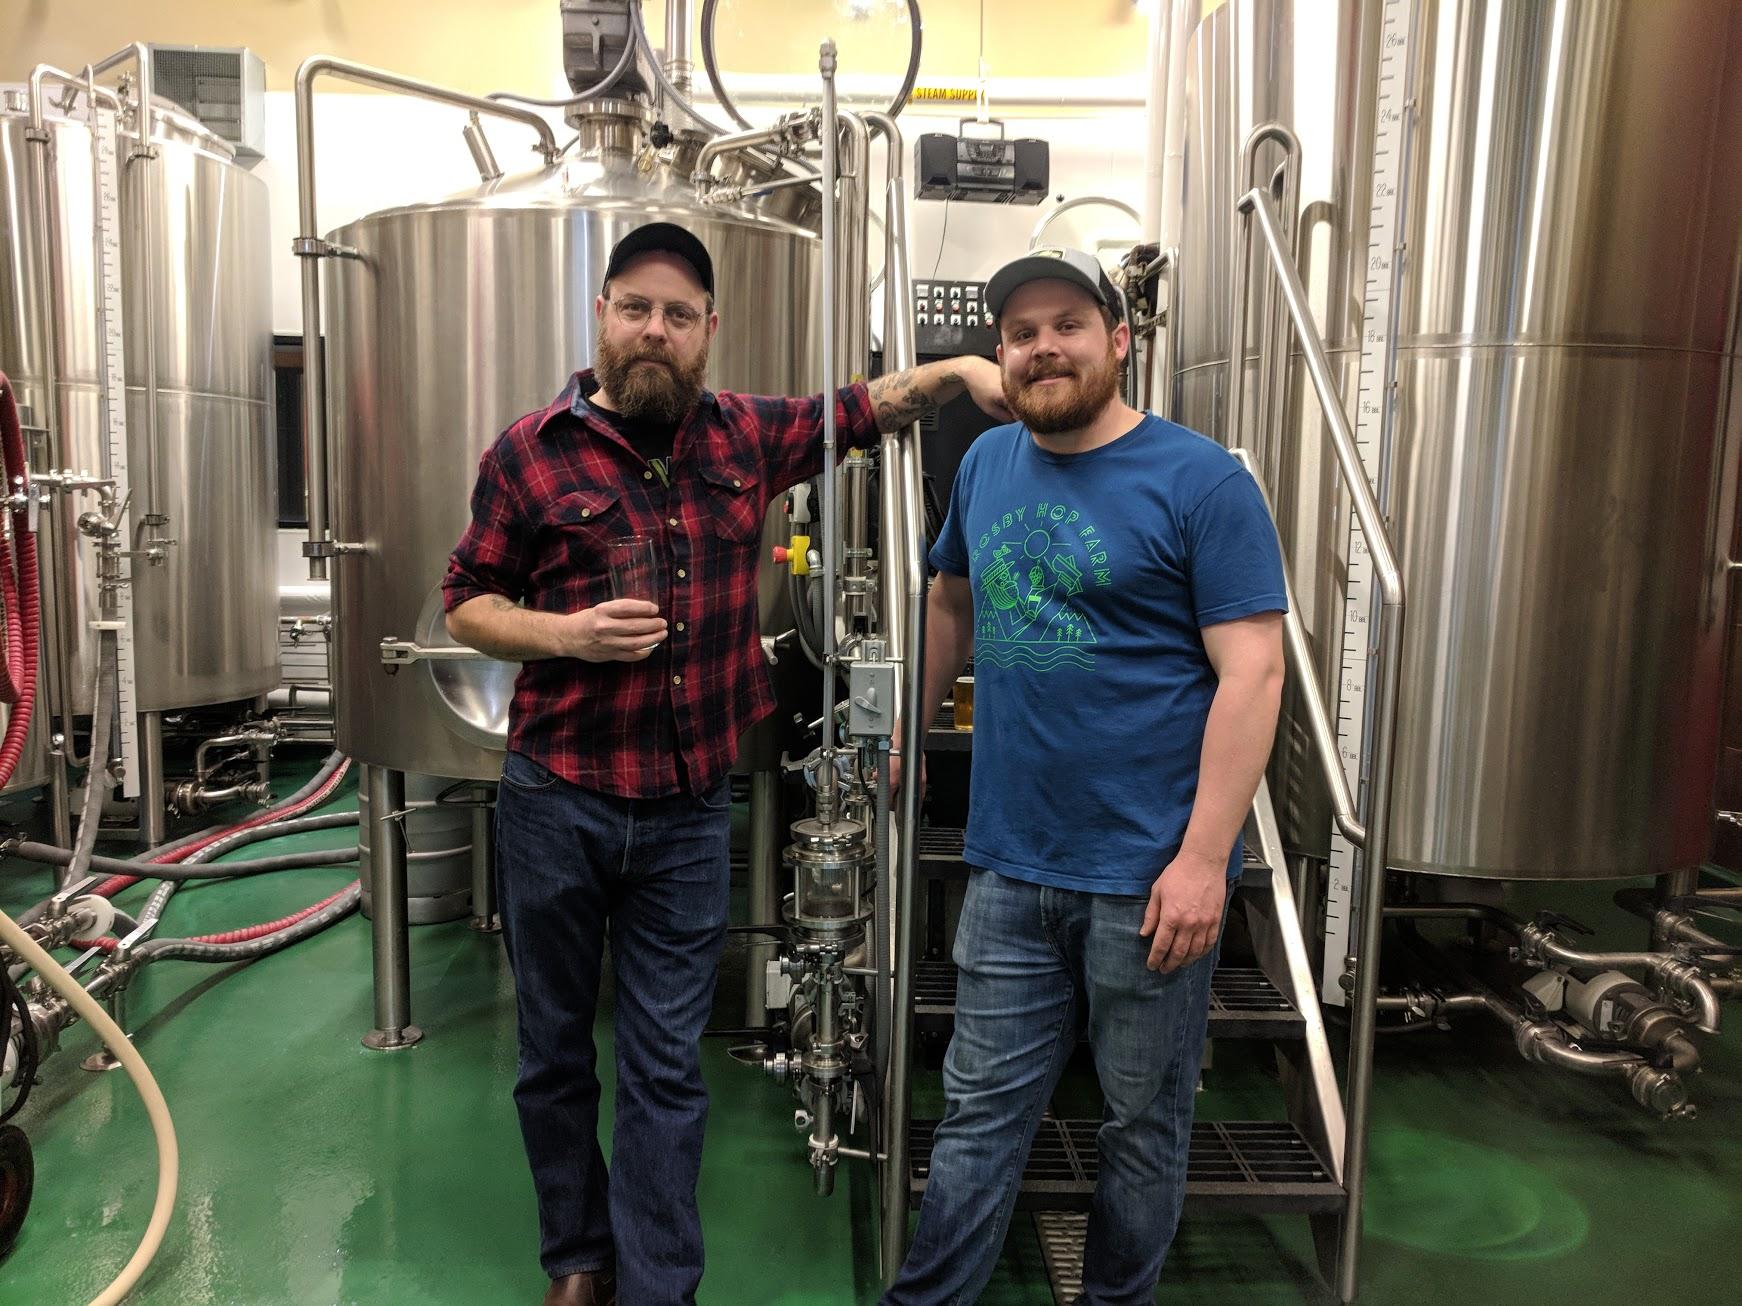 Sean Burke and Bryan Hochrine at Von Ebert Brewing. (photo by Nick Rivers)